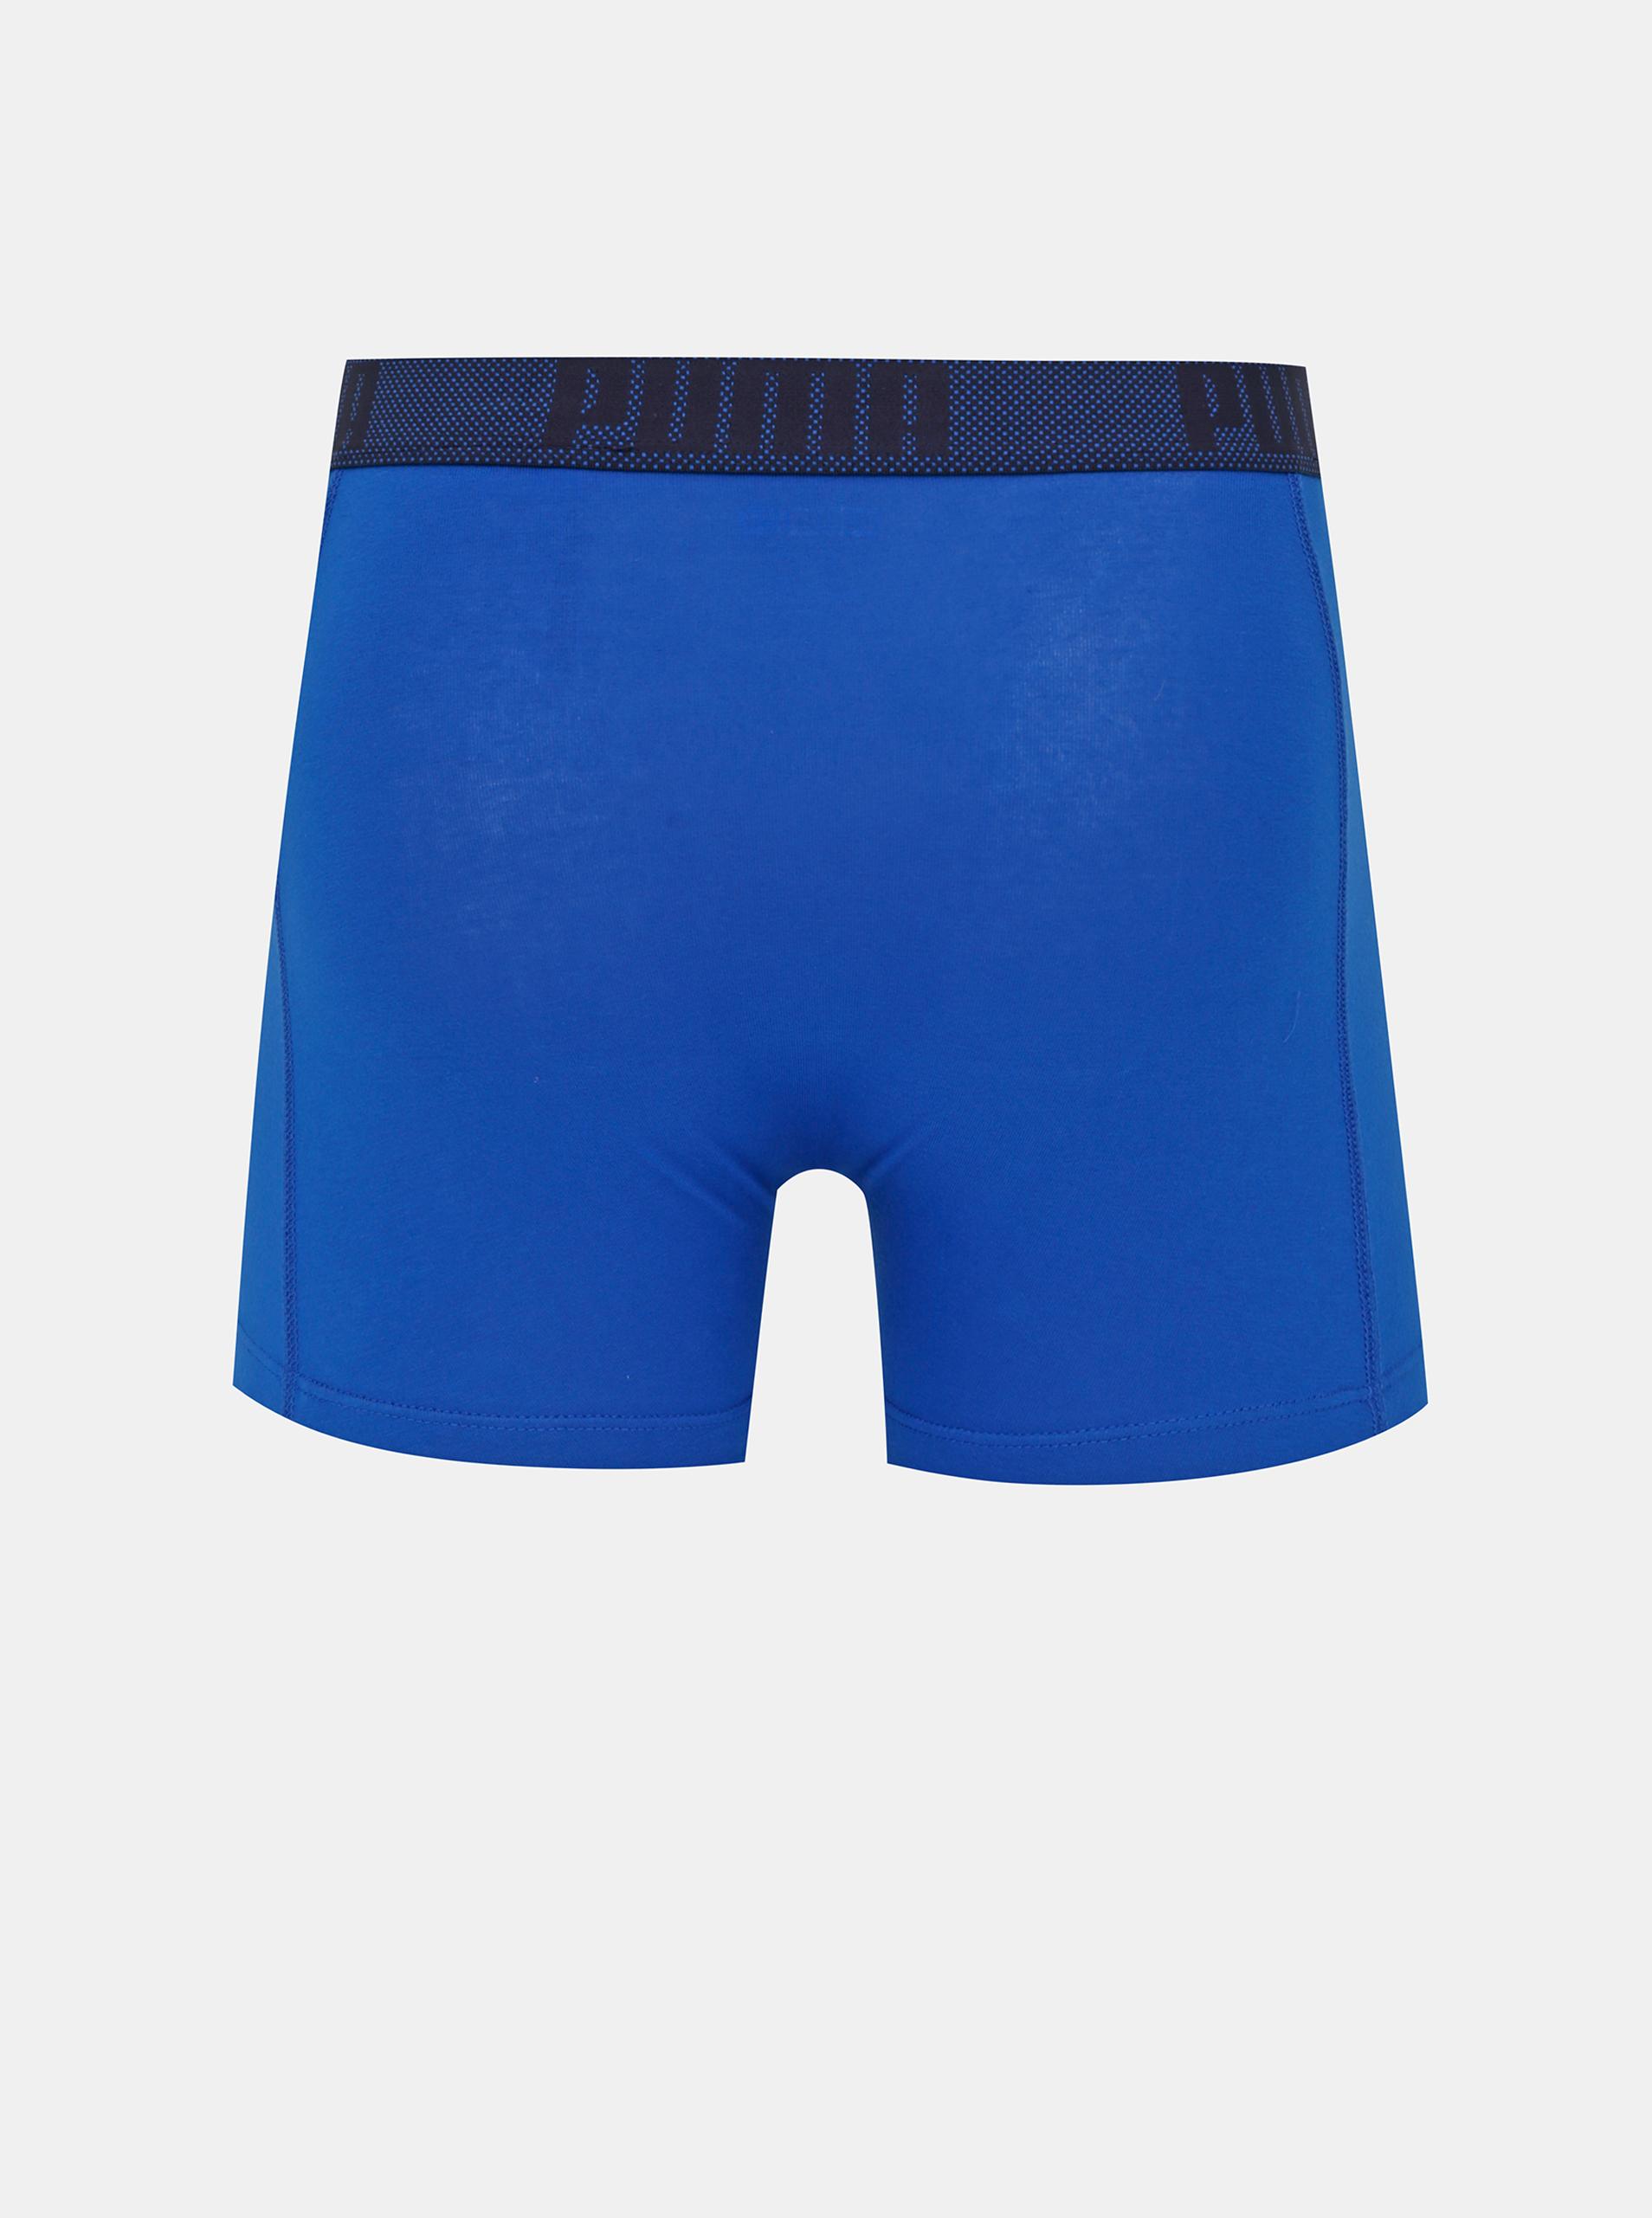 Komplet dveh modrih boksaric Puma